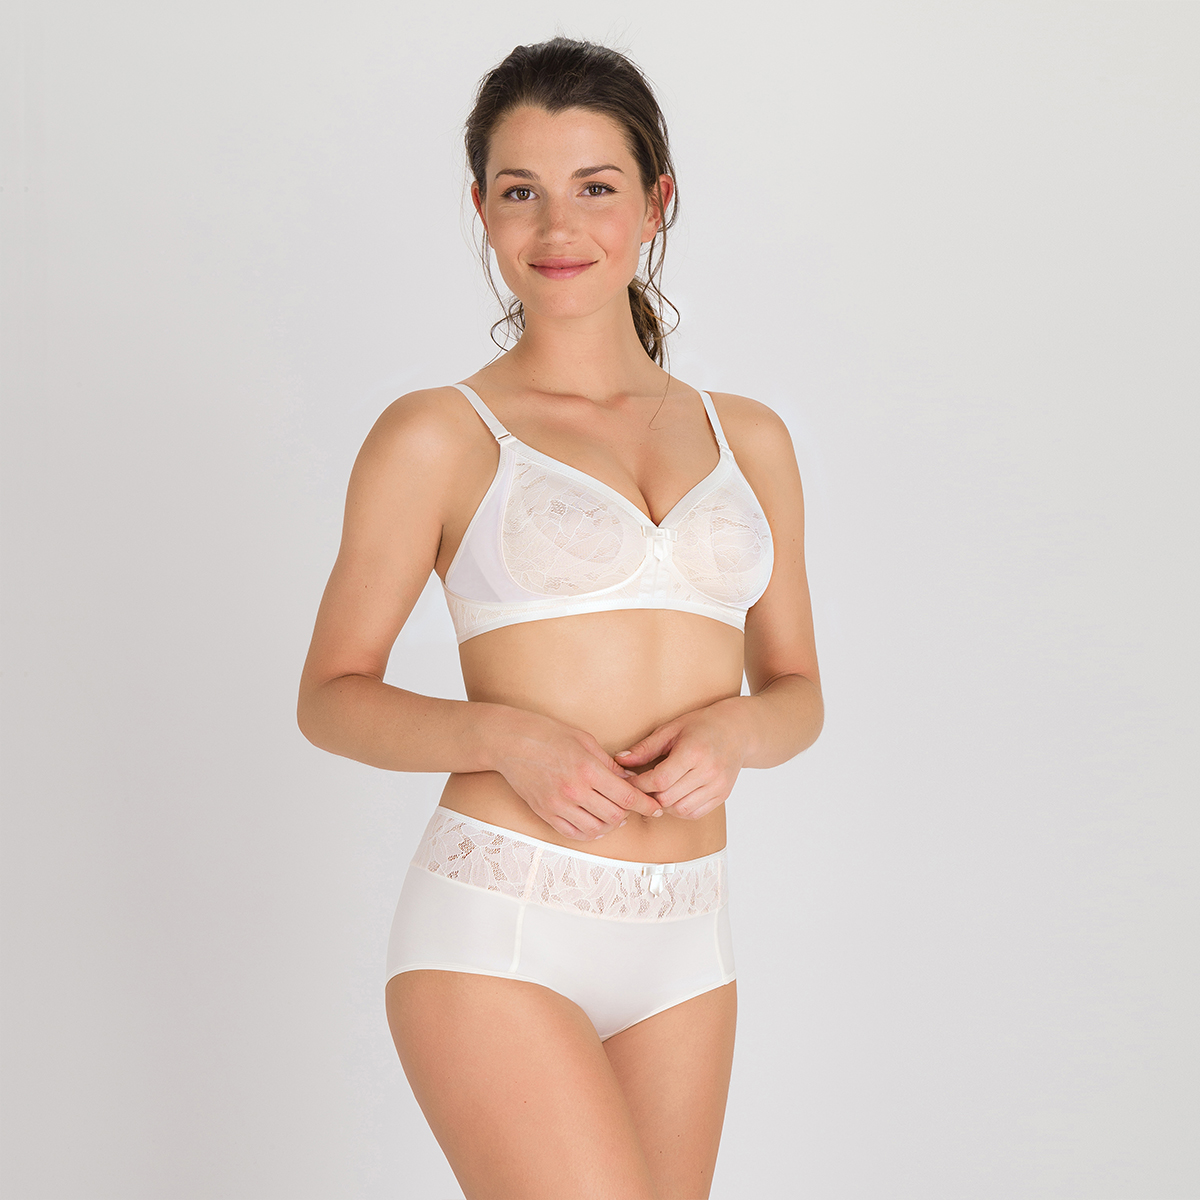 Soutien-gorge sans armatures ivoire - Ideal Beauty Lace, , PLAYTEX